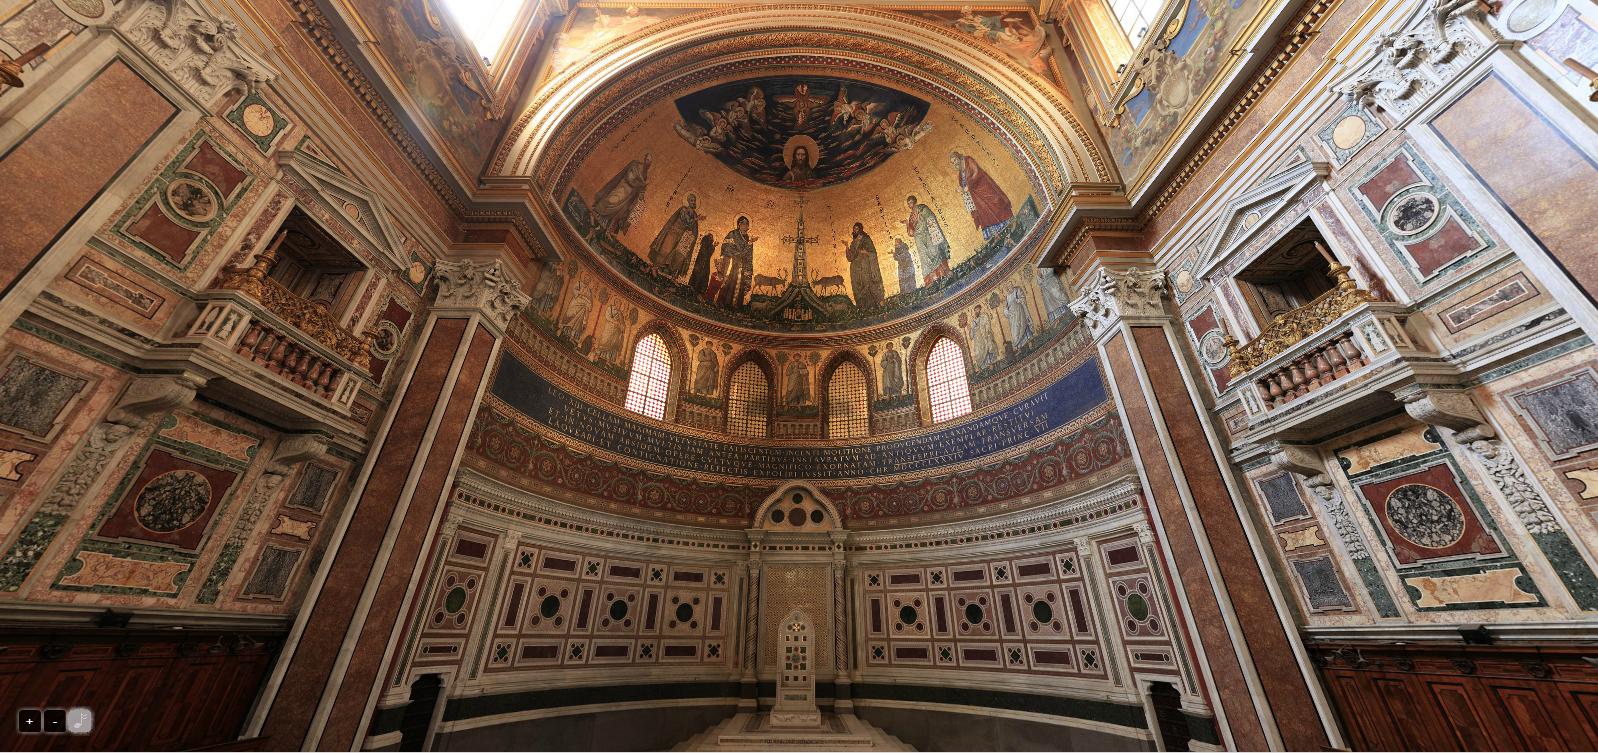 Basílica-de-San-Juan-de-Letrán